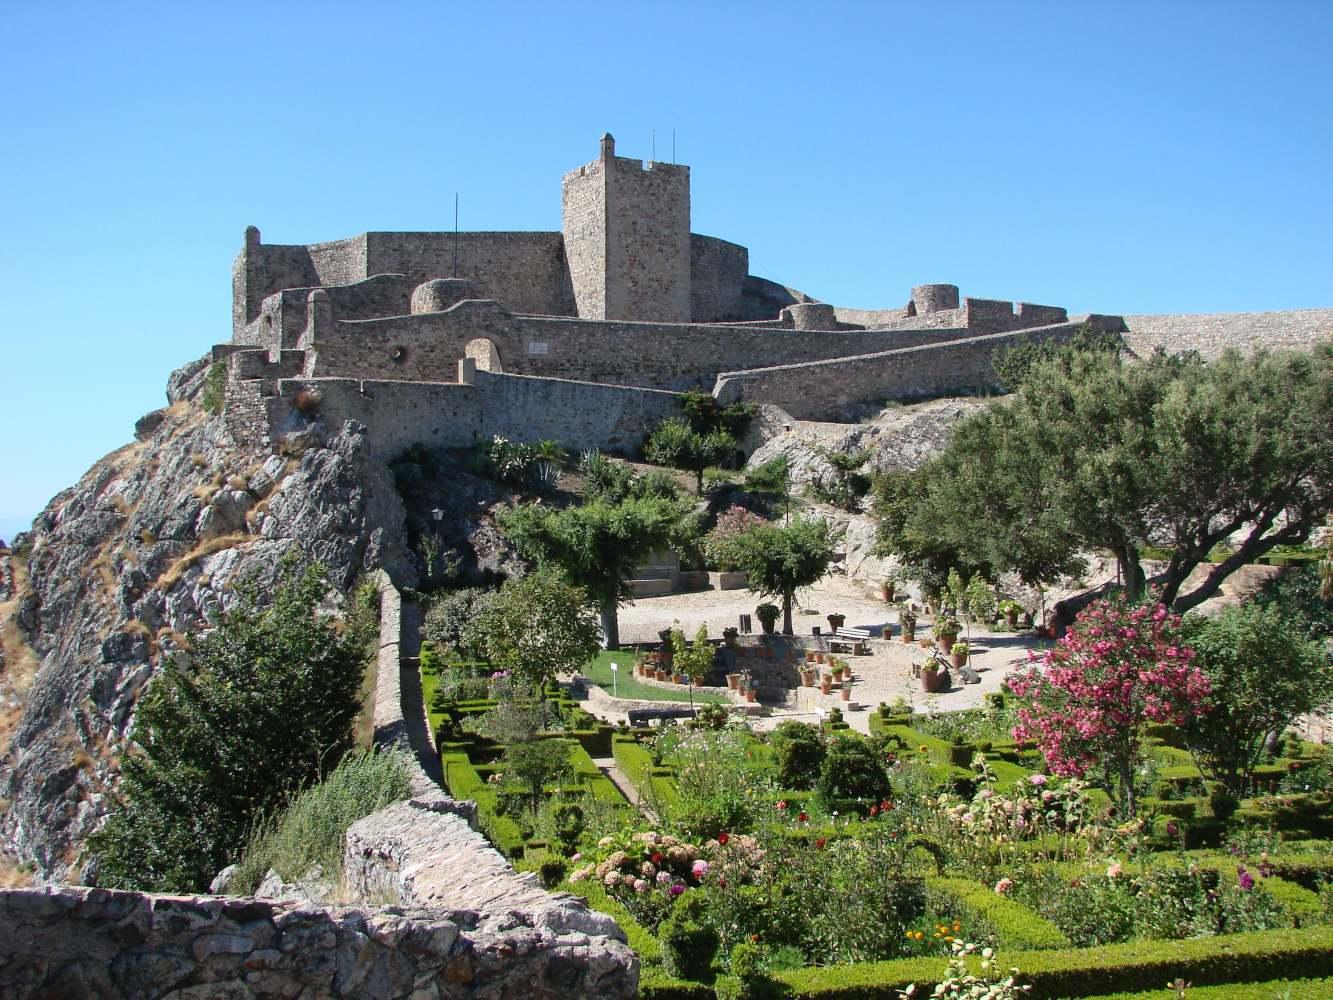 Castelo da vila de Marvão